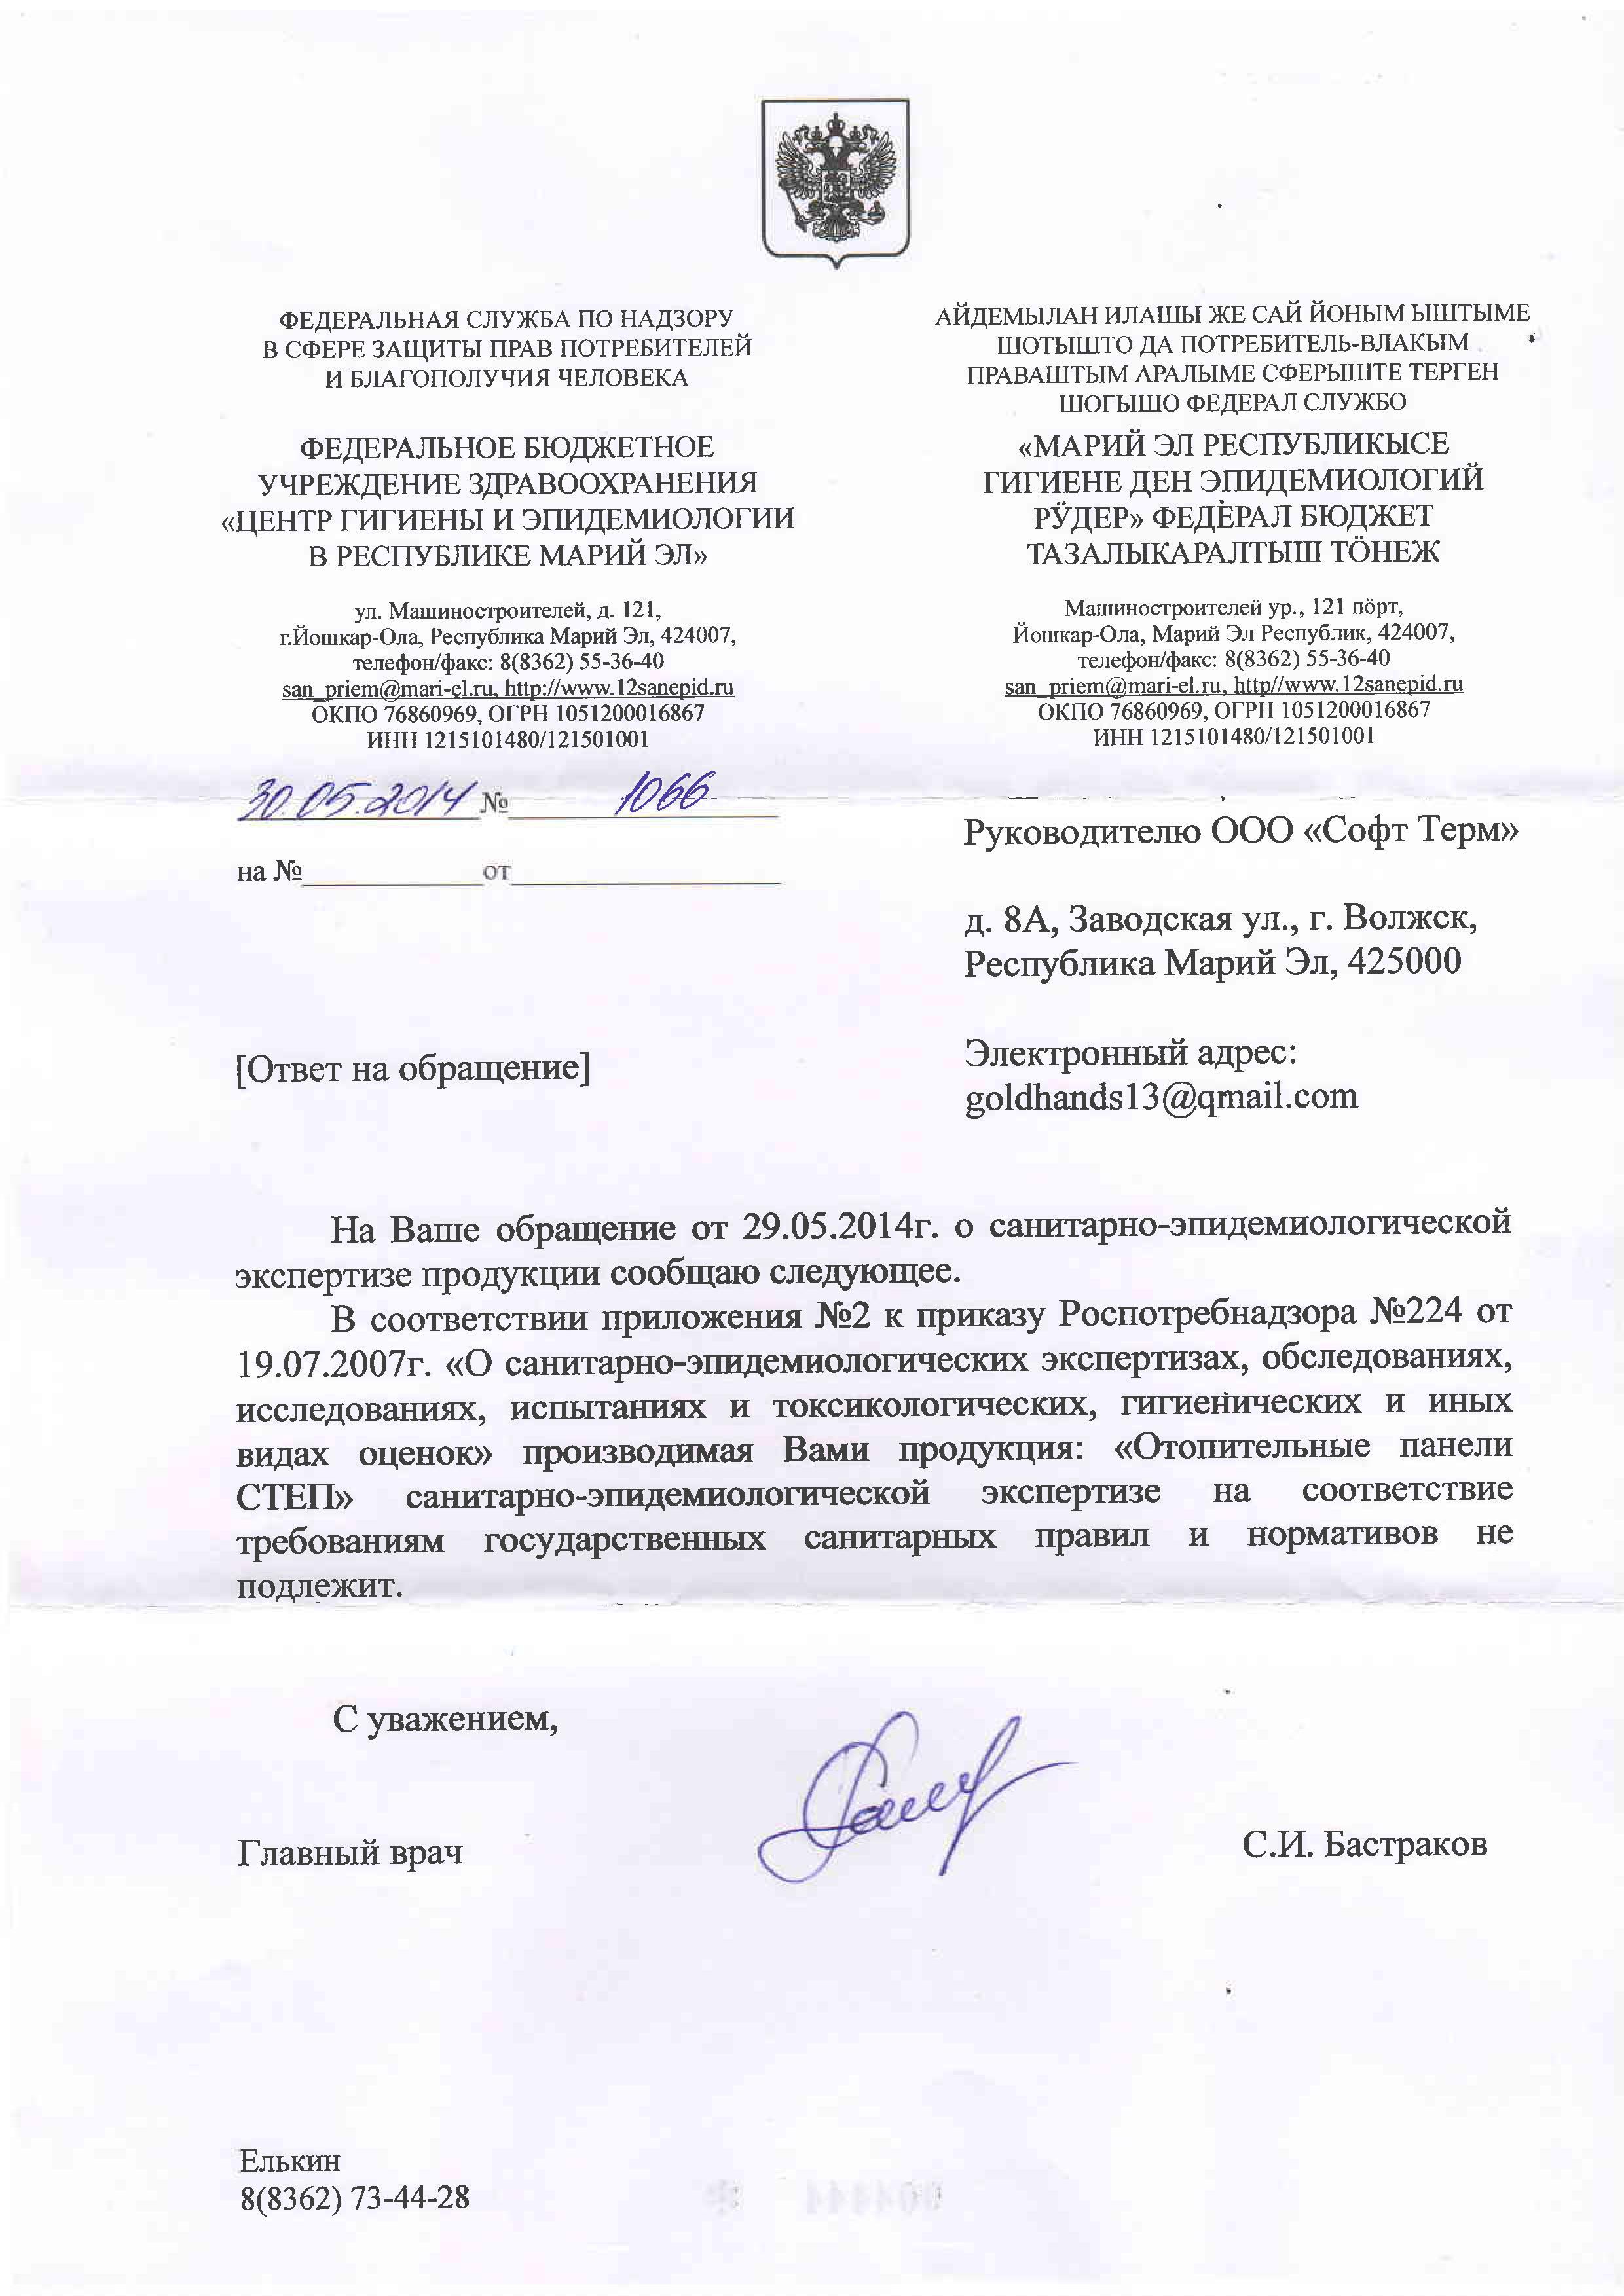 Сертификат о санитарно-эпидемиологической экспертизе панелей СТЕП-250/1,20 х 0,40